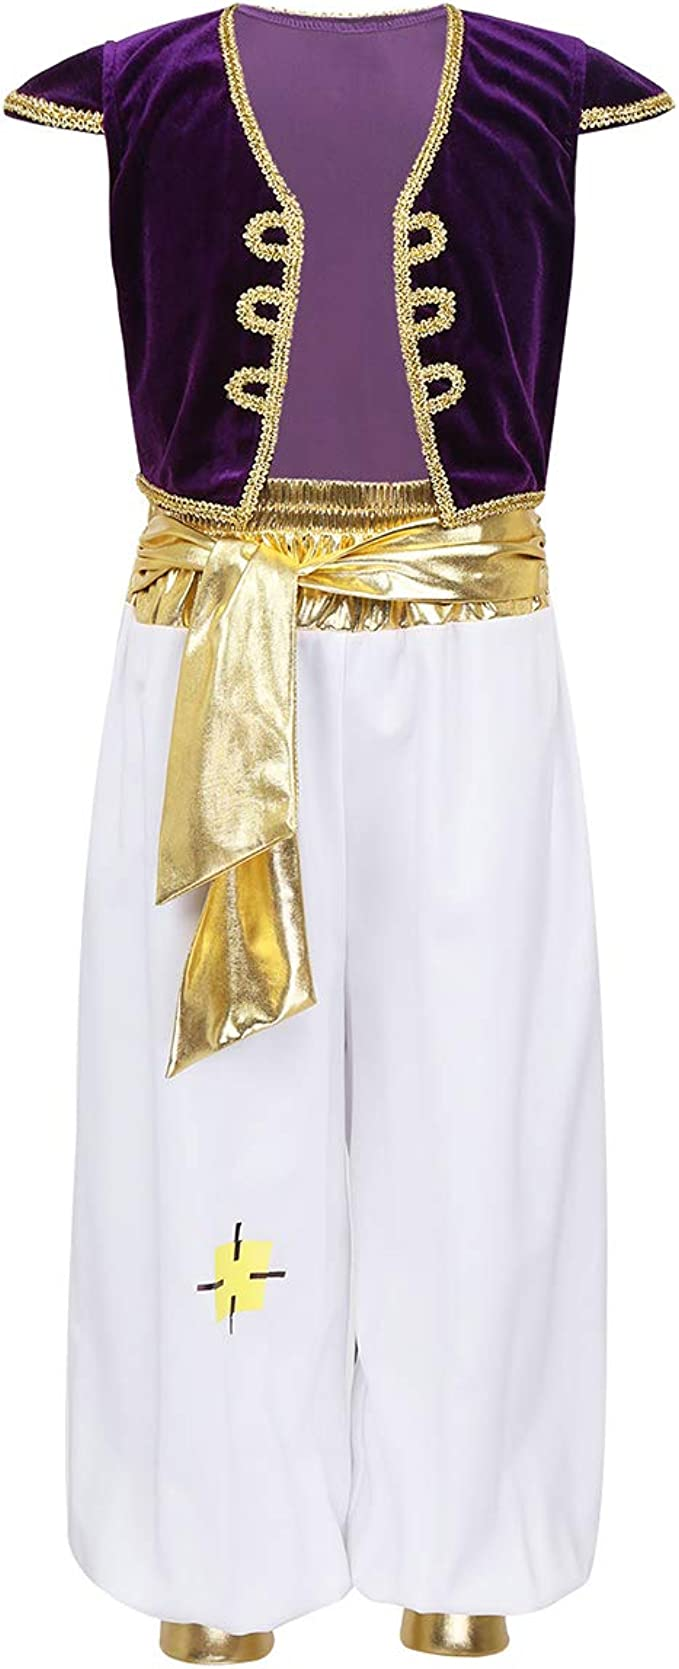 Yeahdor Disfraz de Príncipe Aladín para Niños Costume Cosplay ...